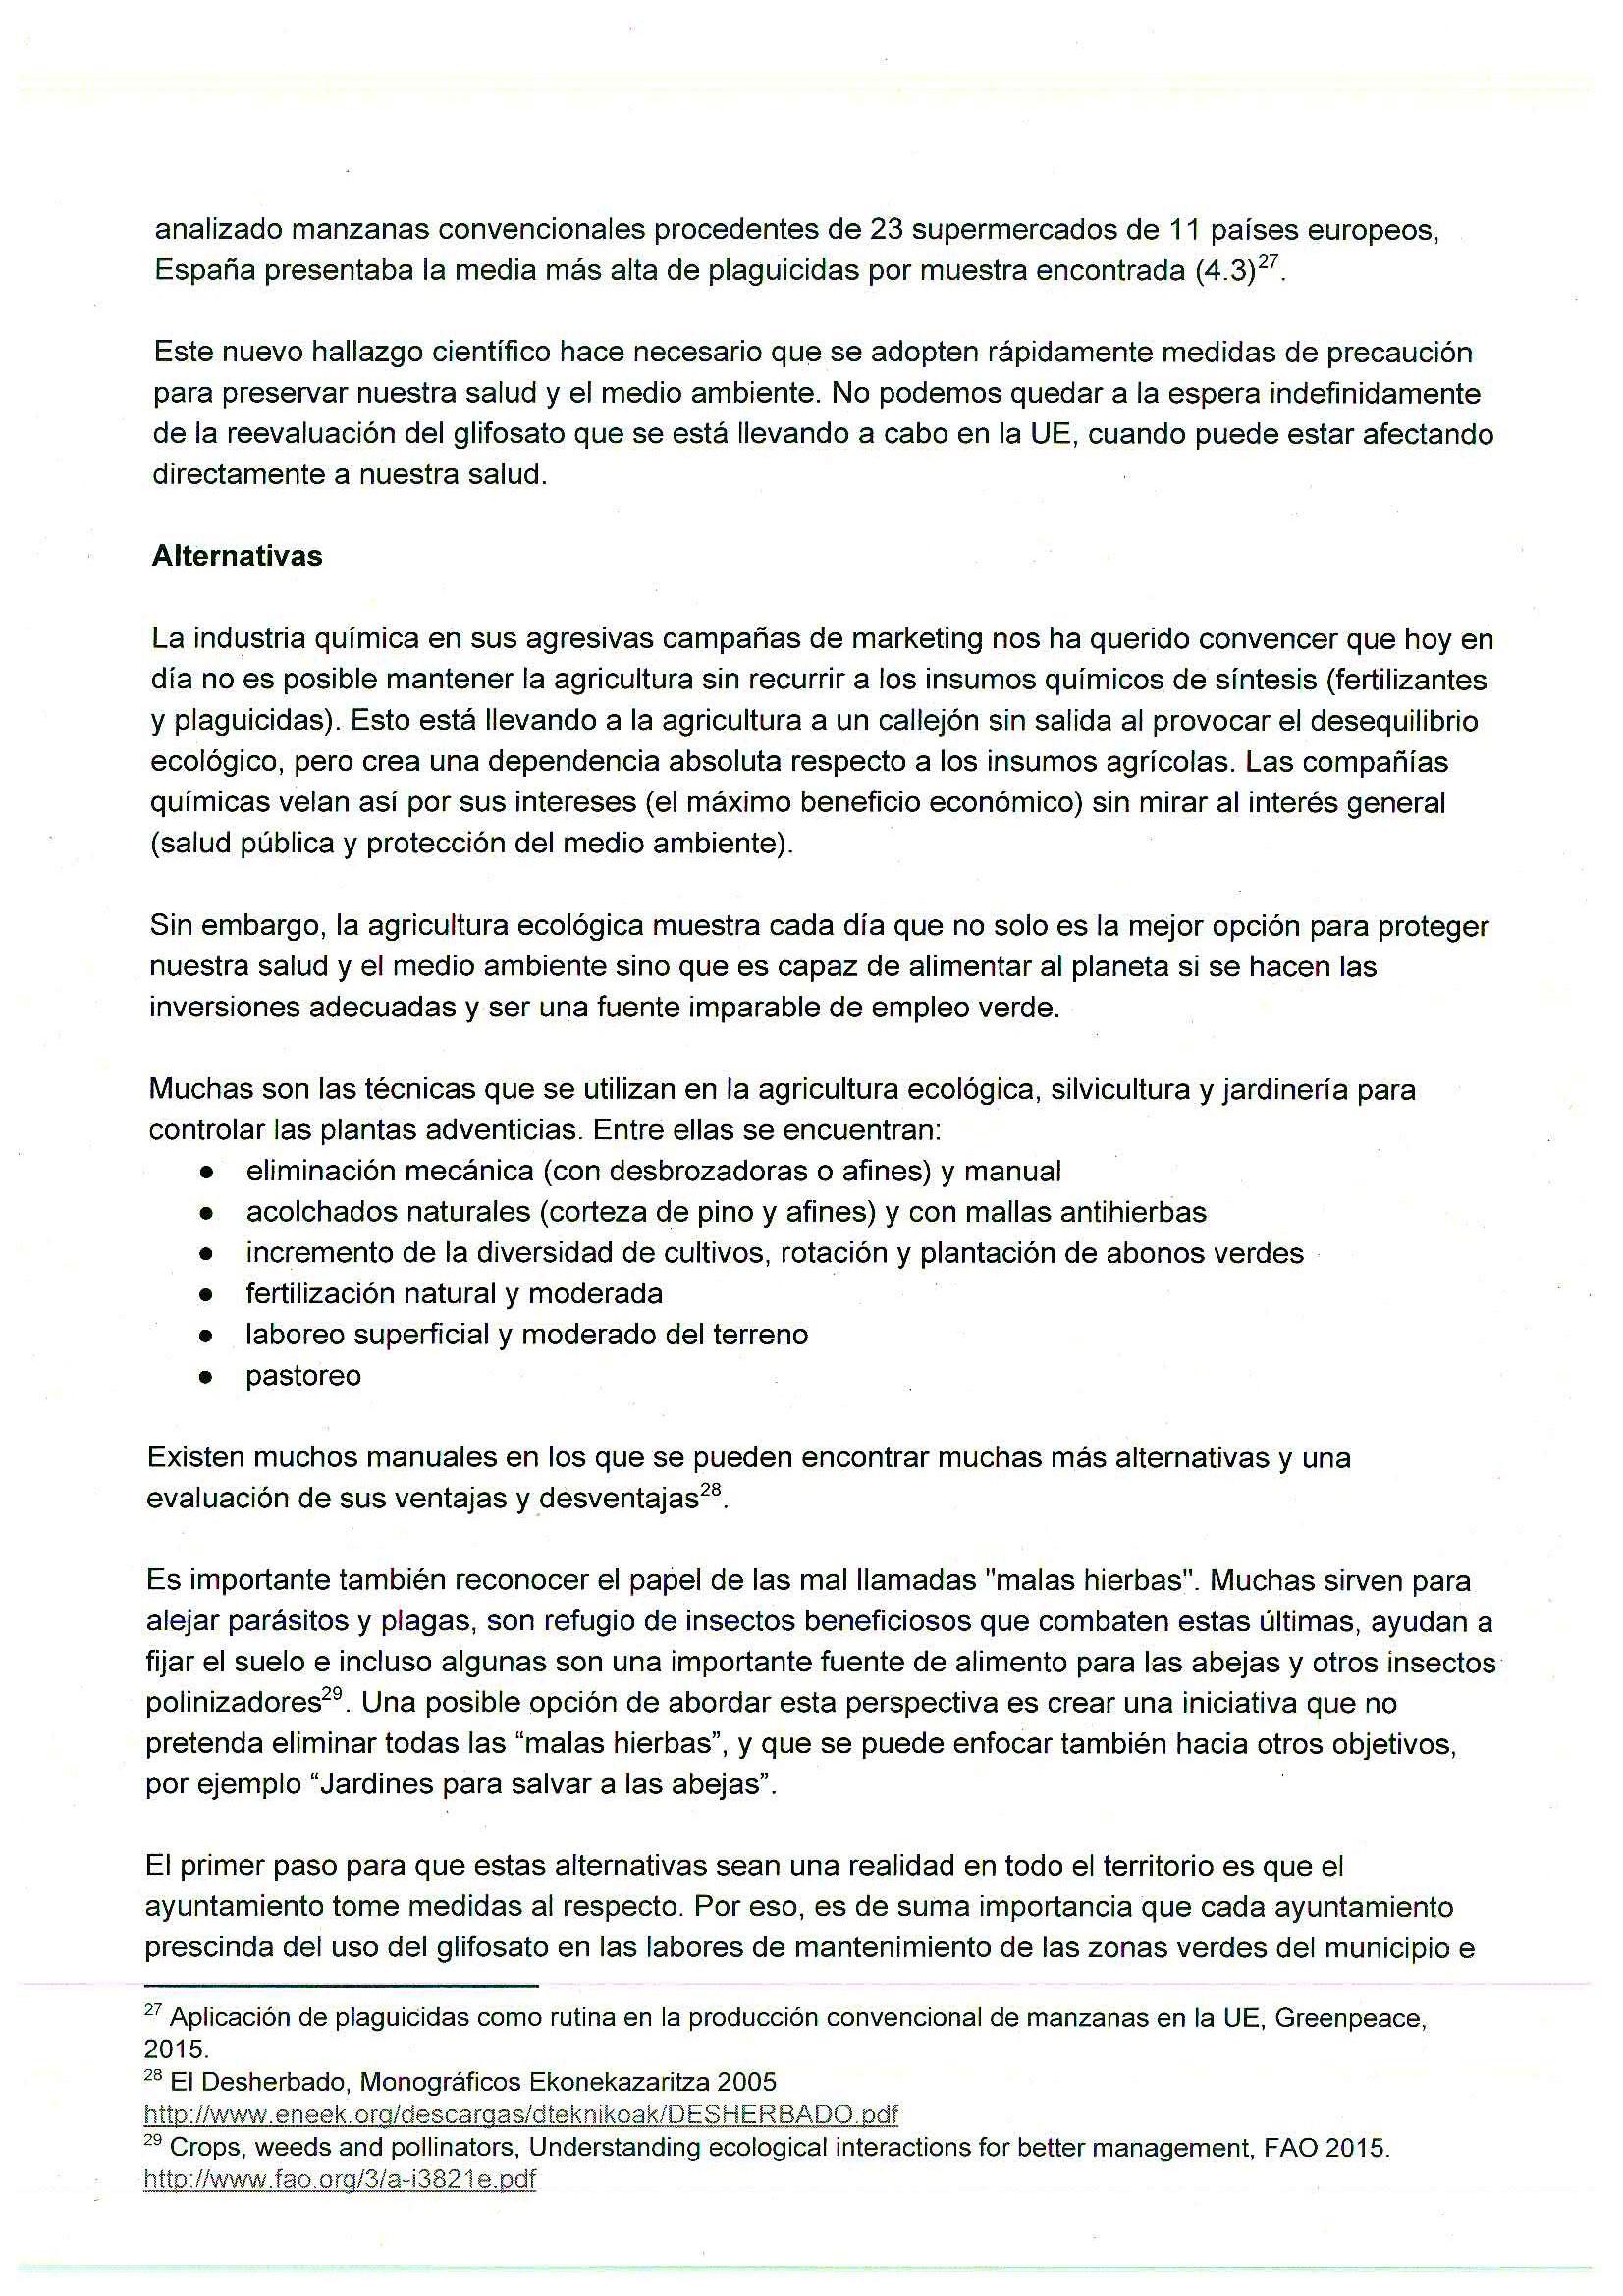 Aldeire.-Carta-ZLT%2c-glifosato-y-compra-publica-ecologica-0009